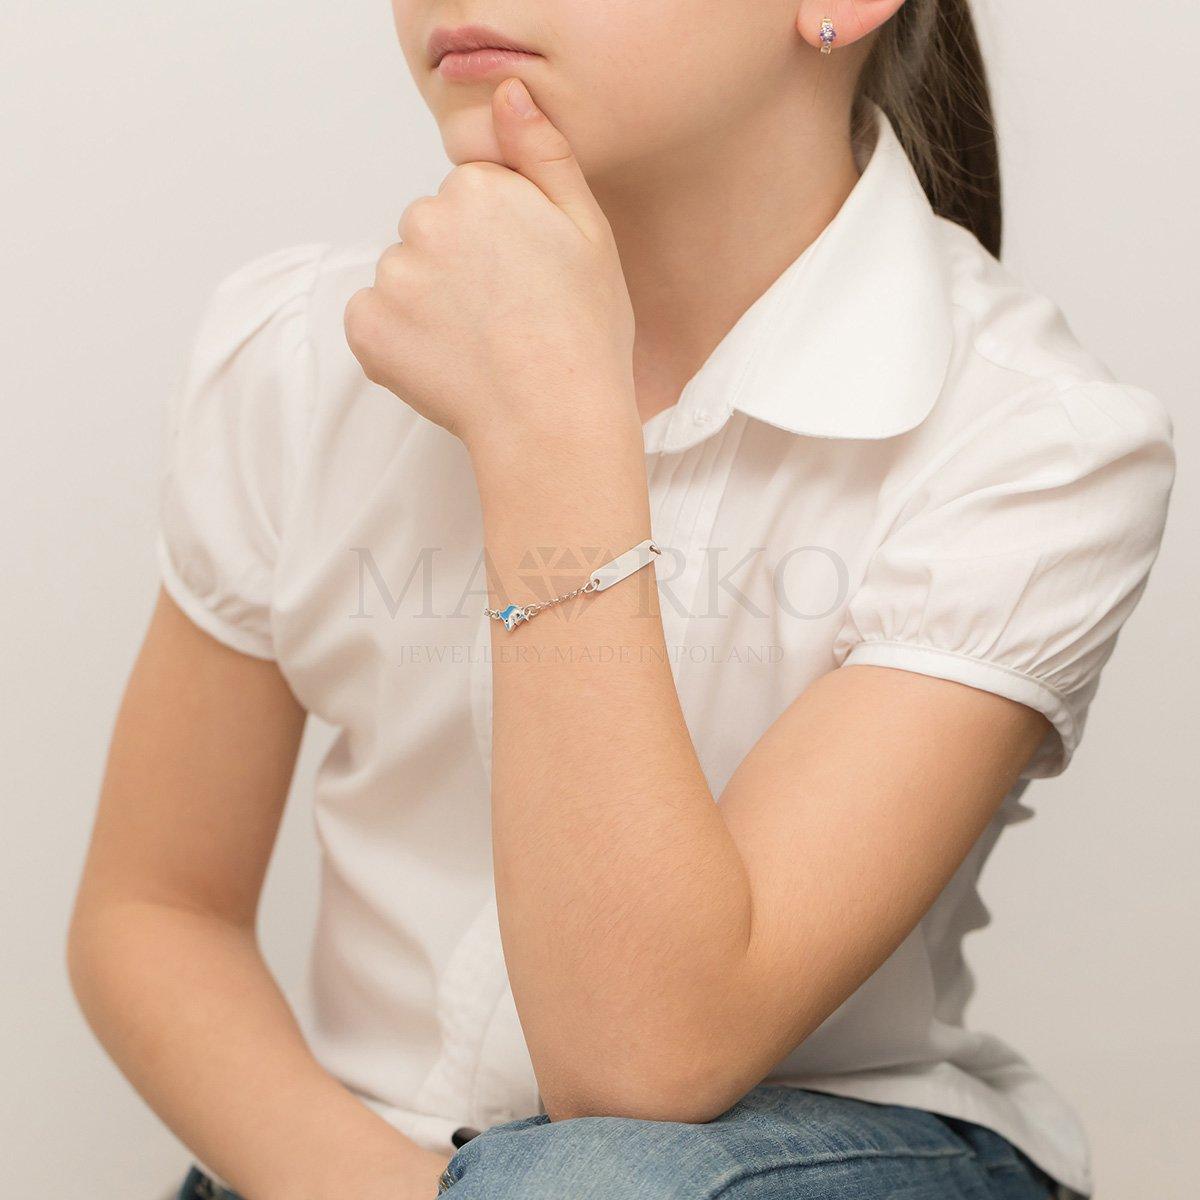 dziewczynka ze srebrną bransoletką na ręce